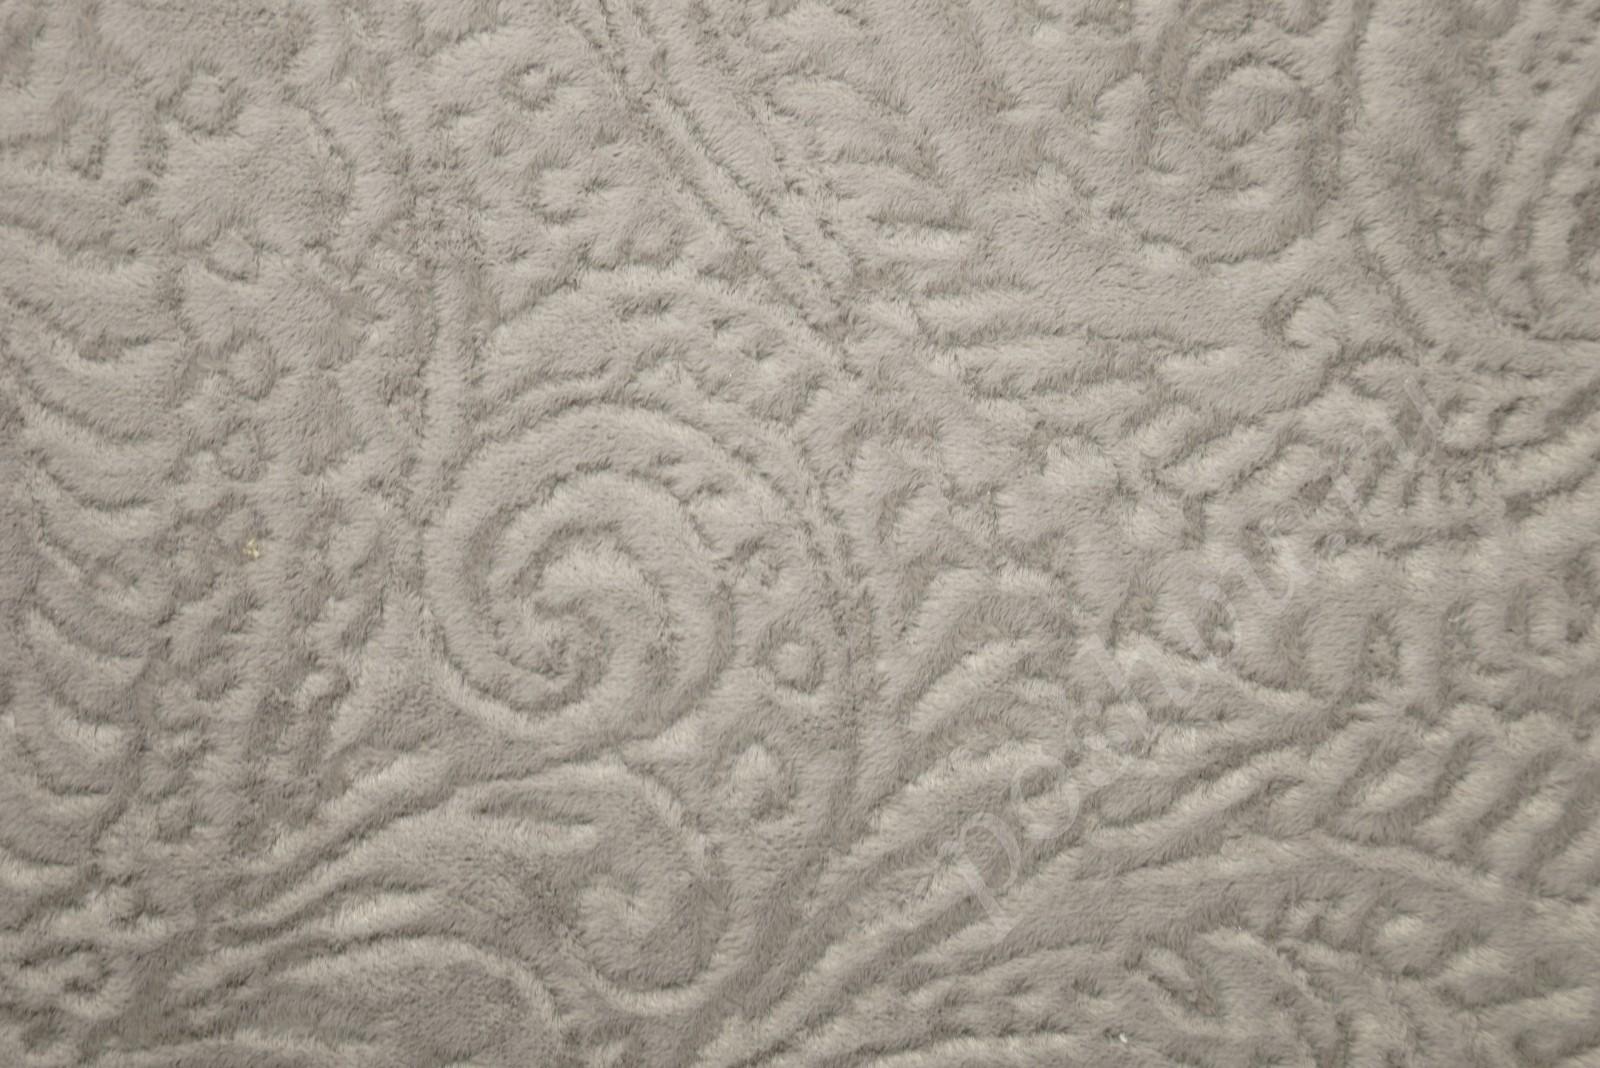 3d5dac36ad2a1 Ткань для мебели микрофибра серого цвета с узором купить для обивки ...